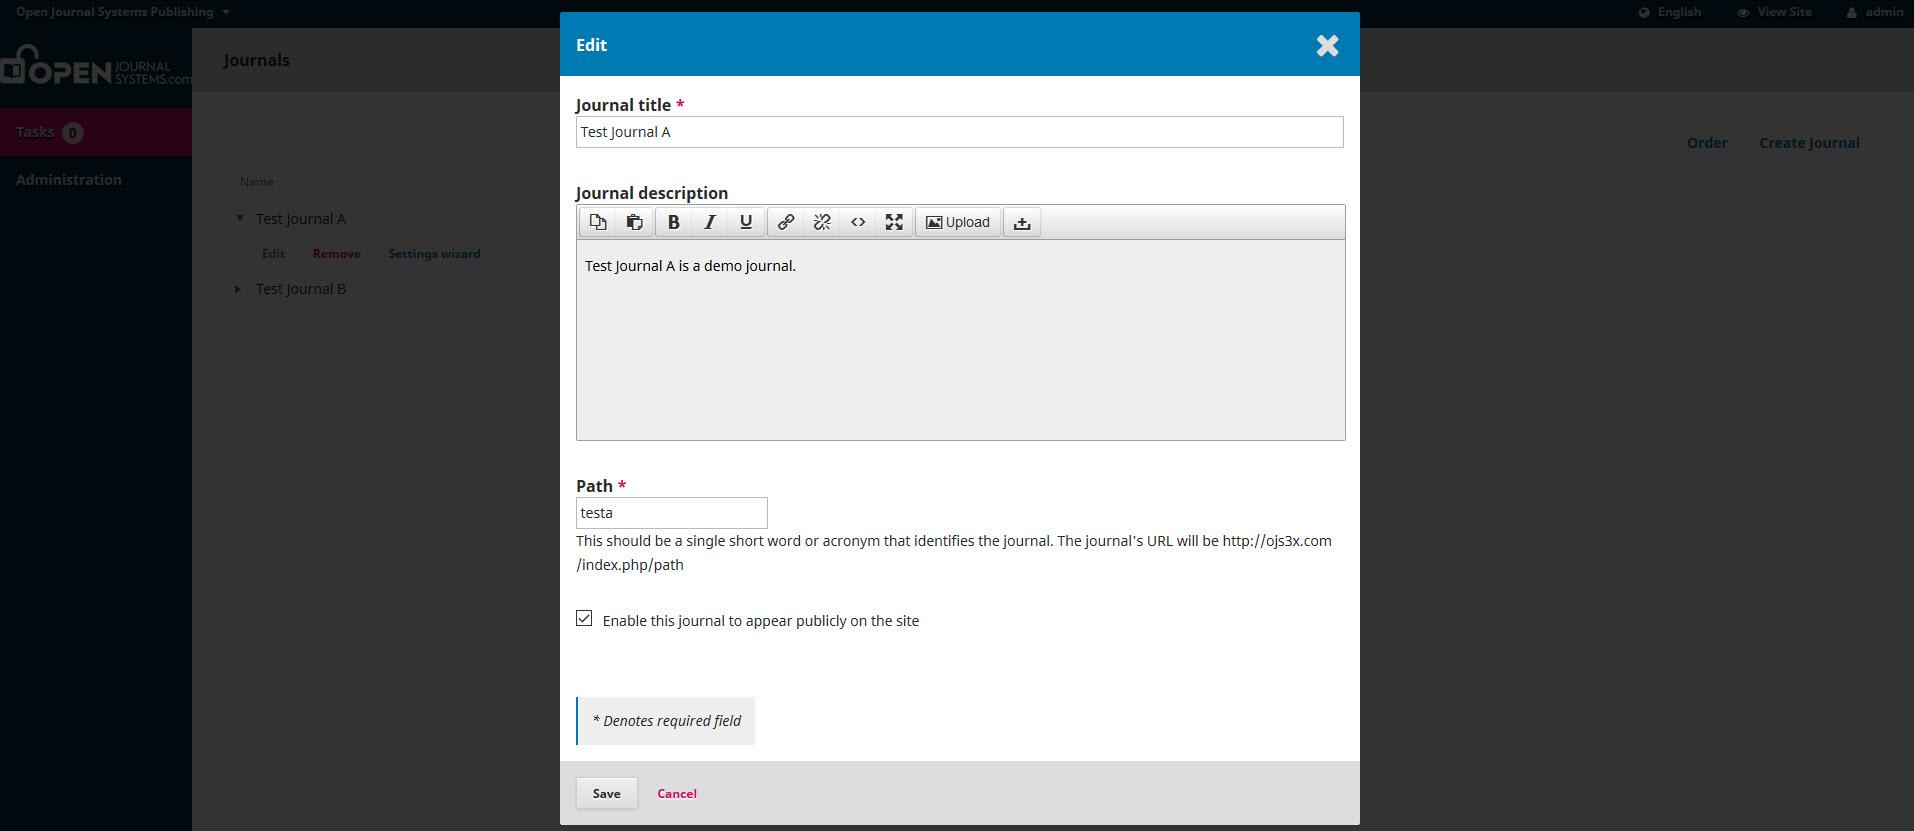 ojs3-site-management-hosted-journal-edit